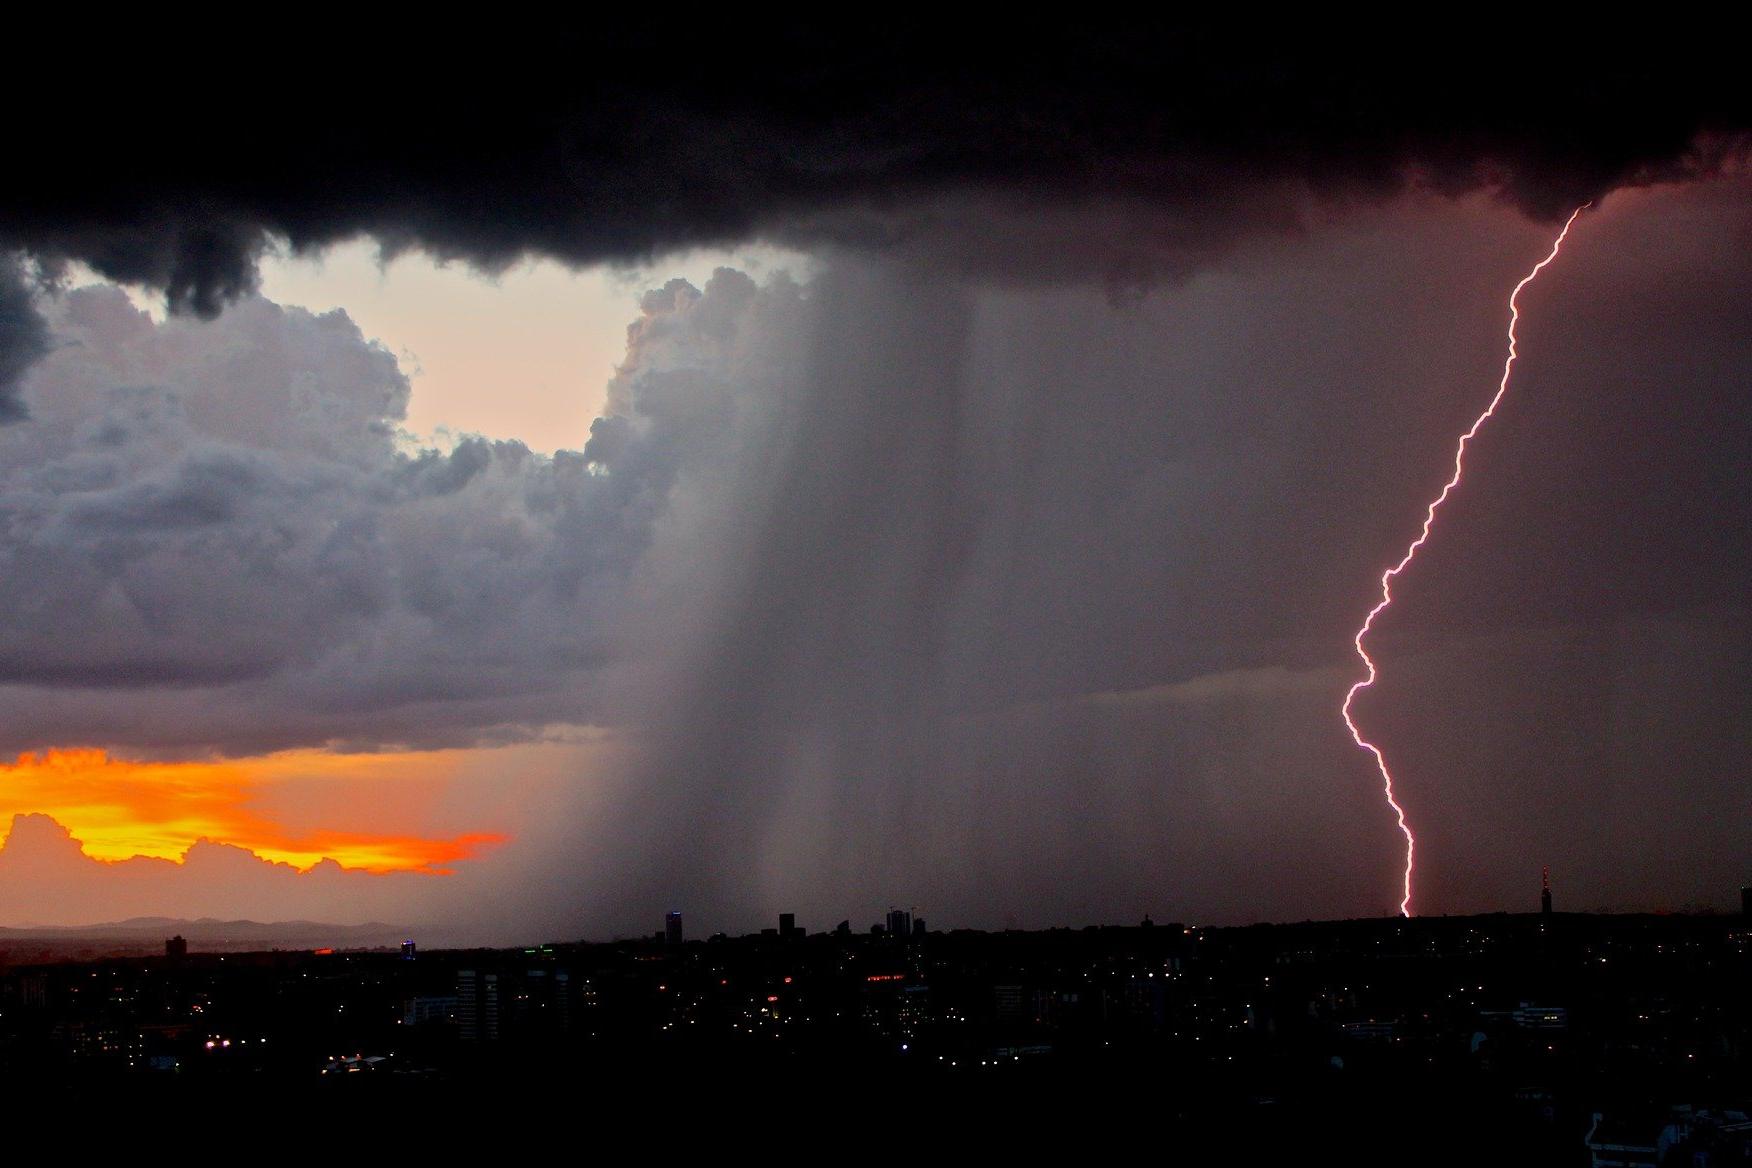 Saiba como manter a segurança com a rede elétrica durante tempestades